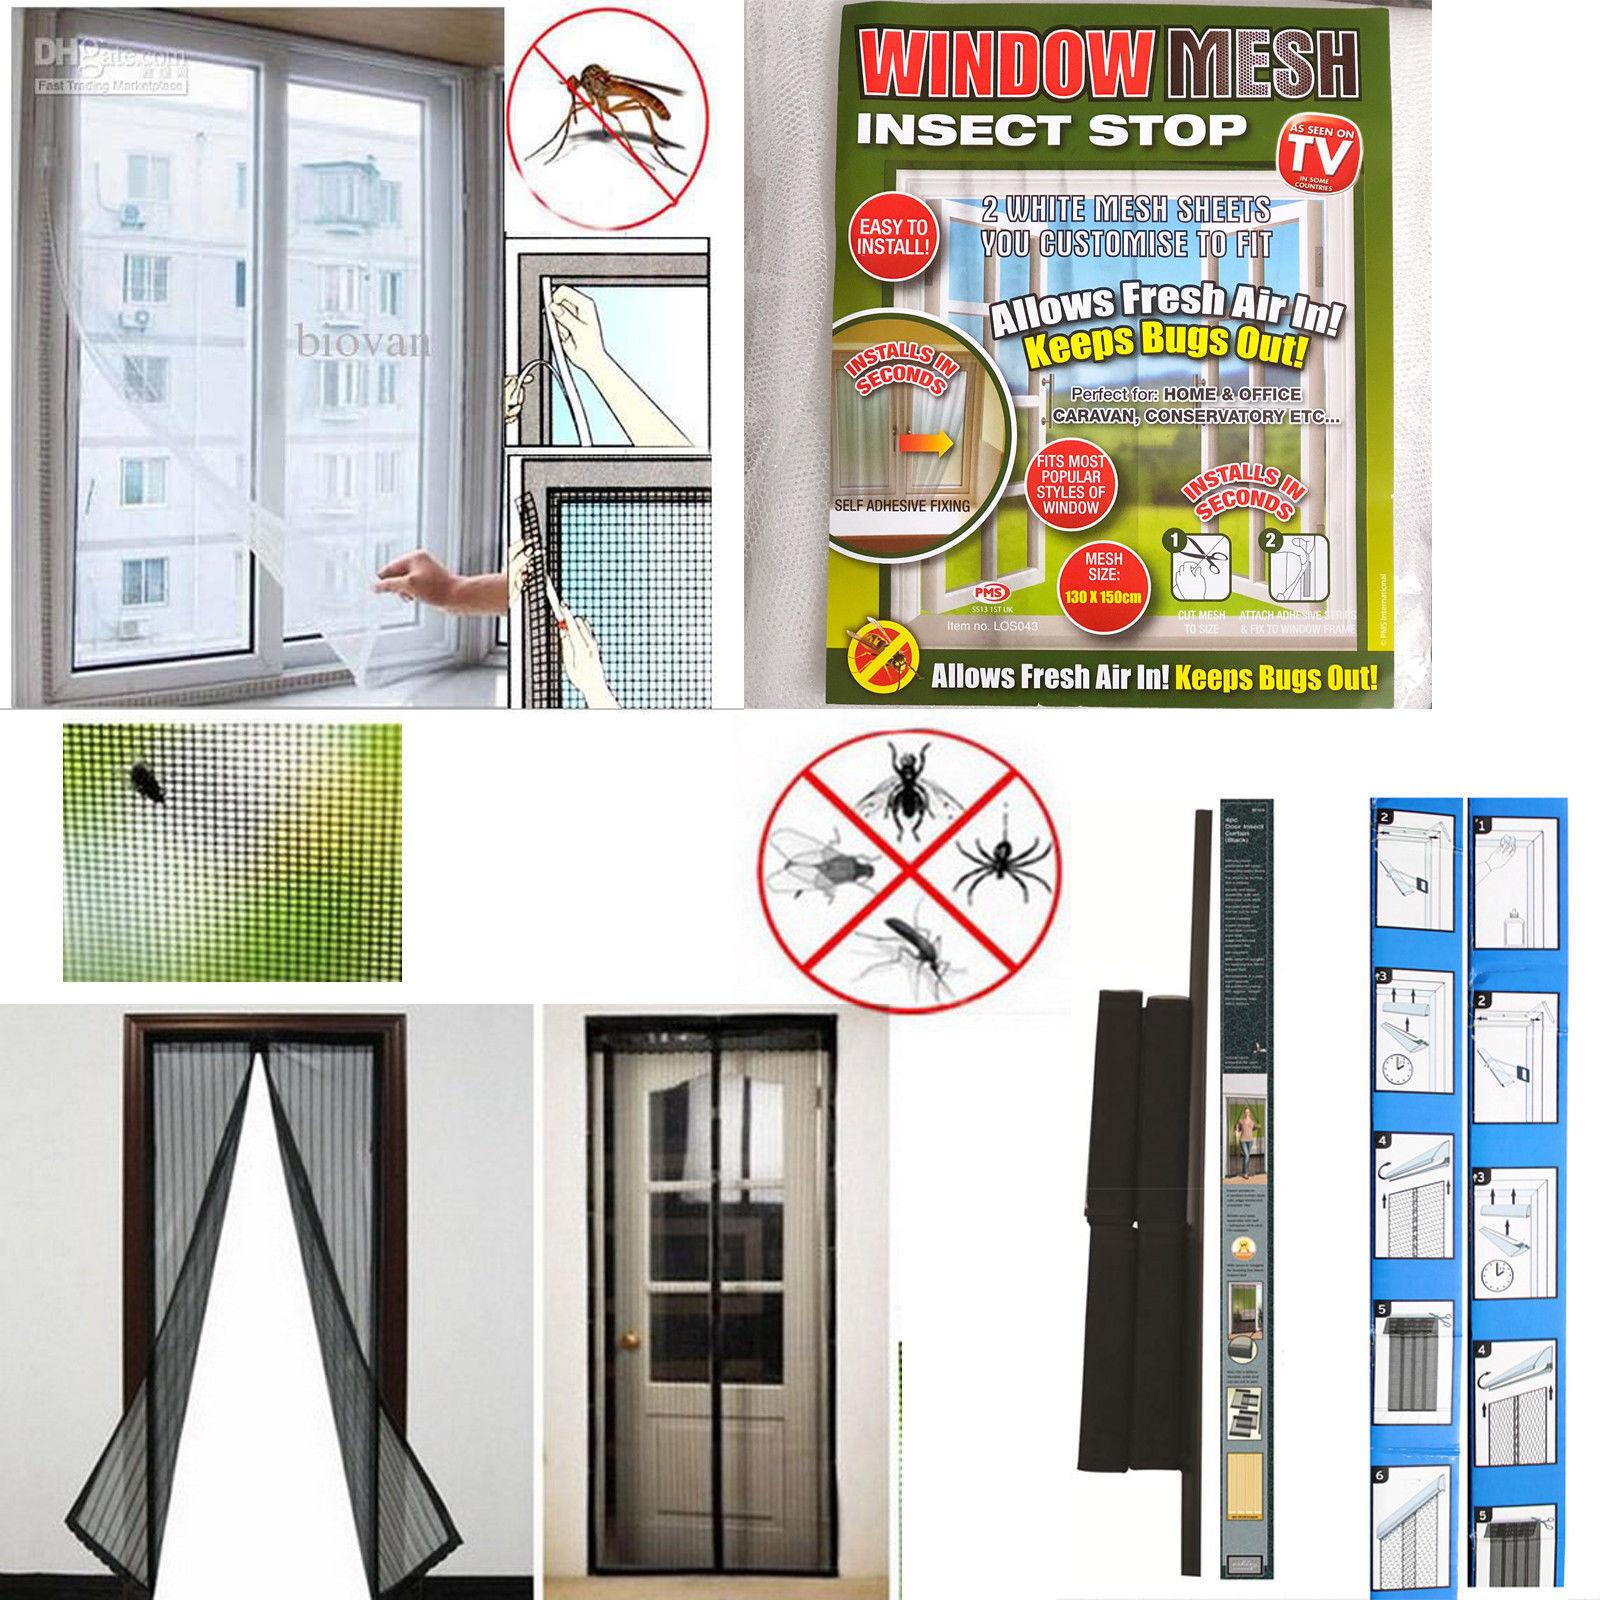 Fenêtre noire maille Insect Stop, rideaux, stores, bricolage, accessoires, maison, maison, accessoires, bureau nouveau ca78b9